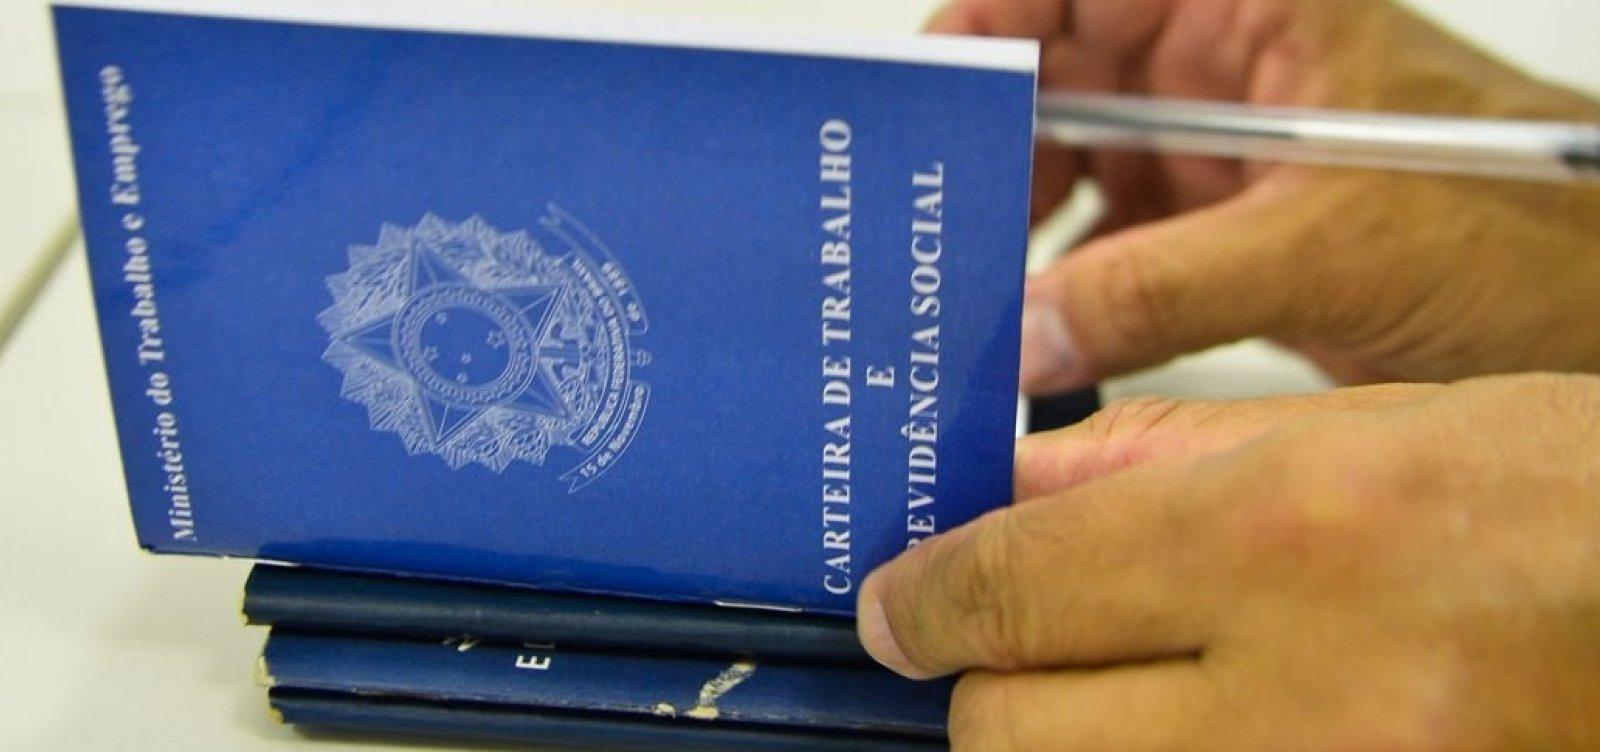 Confira as vagas de emprego oferecidas nesta quarta-feira em Salvador